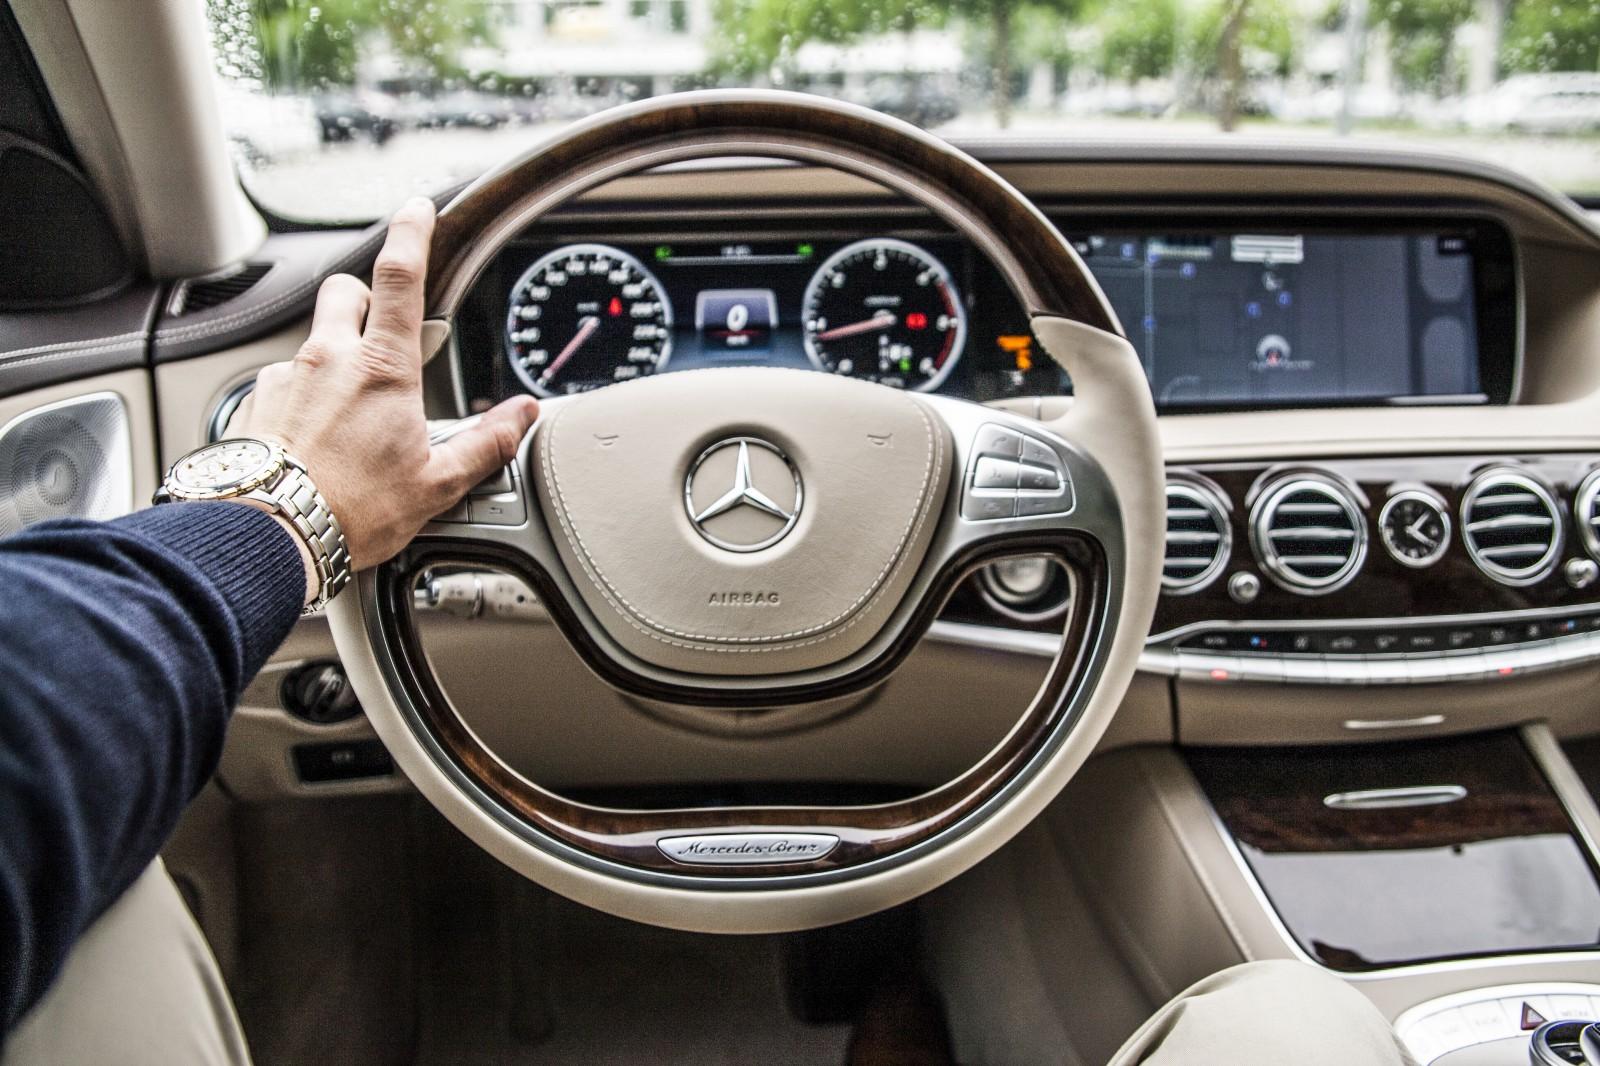 /why-miles-per-disengagement-misses-the-point-as-an-autonomous-vehicle-success-metric-86da67768ec2 feature image